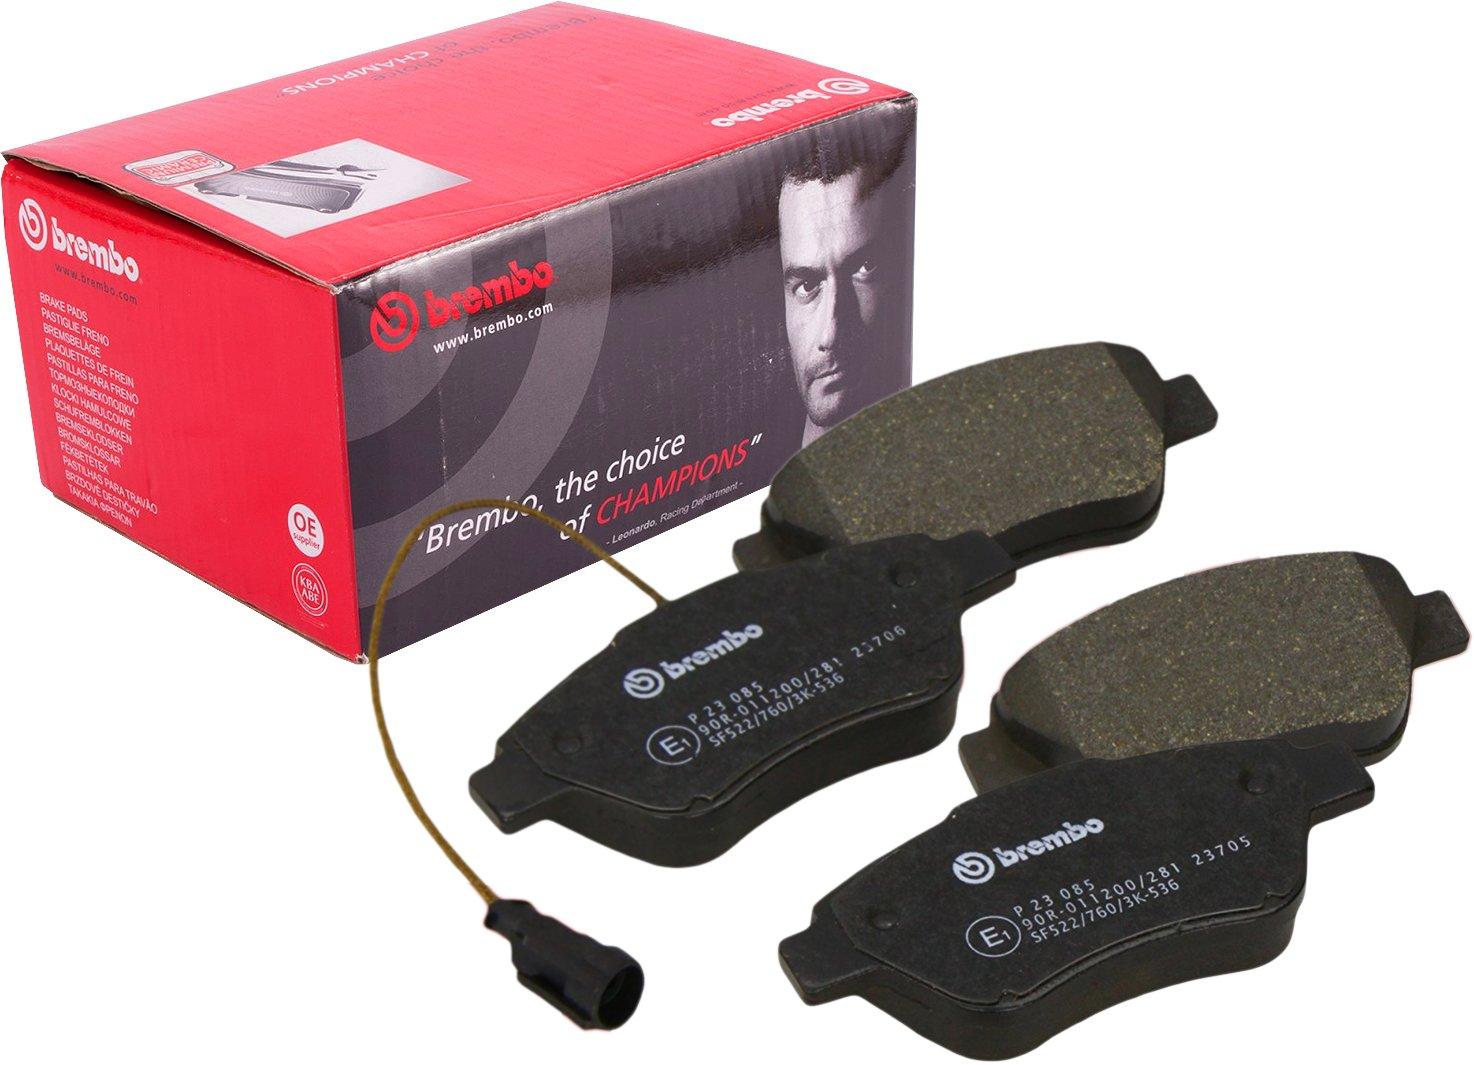 Pastiglie pattini pasticche freno freni anteriori Brembo P23085 con contatto segnalazione usura - Materiale d' attrito per freni